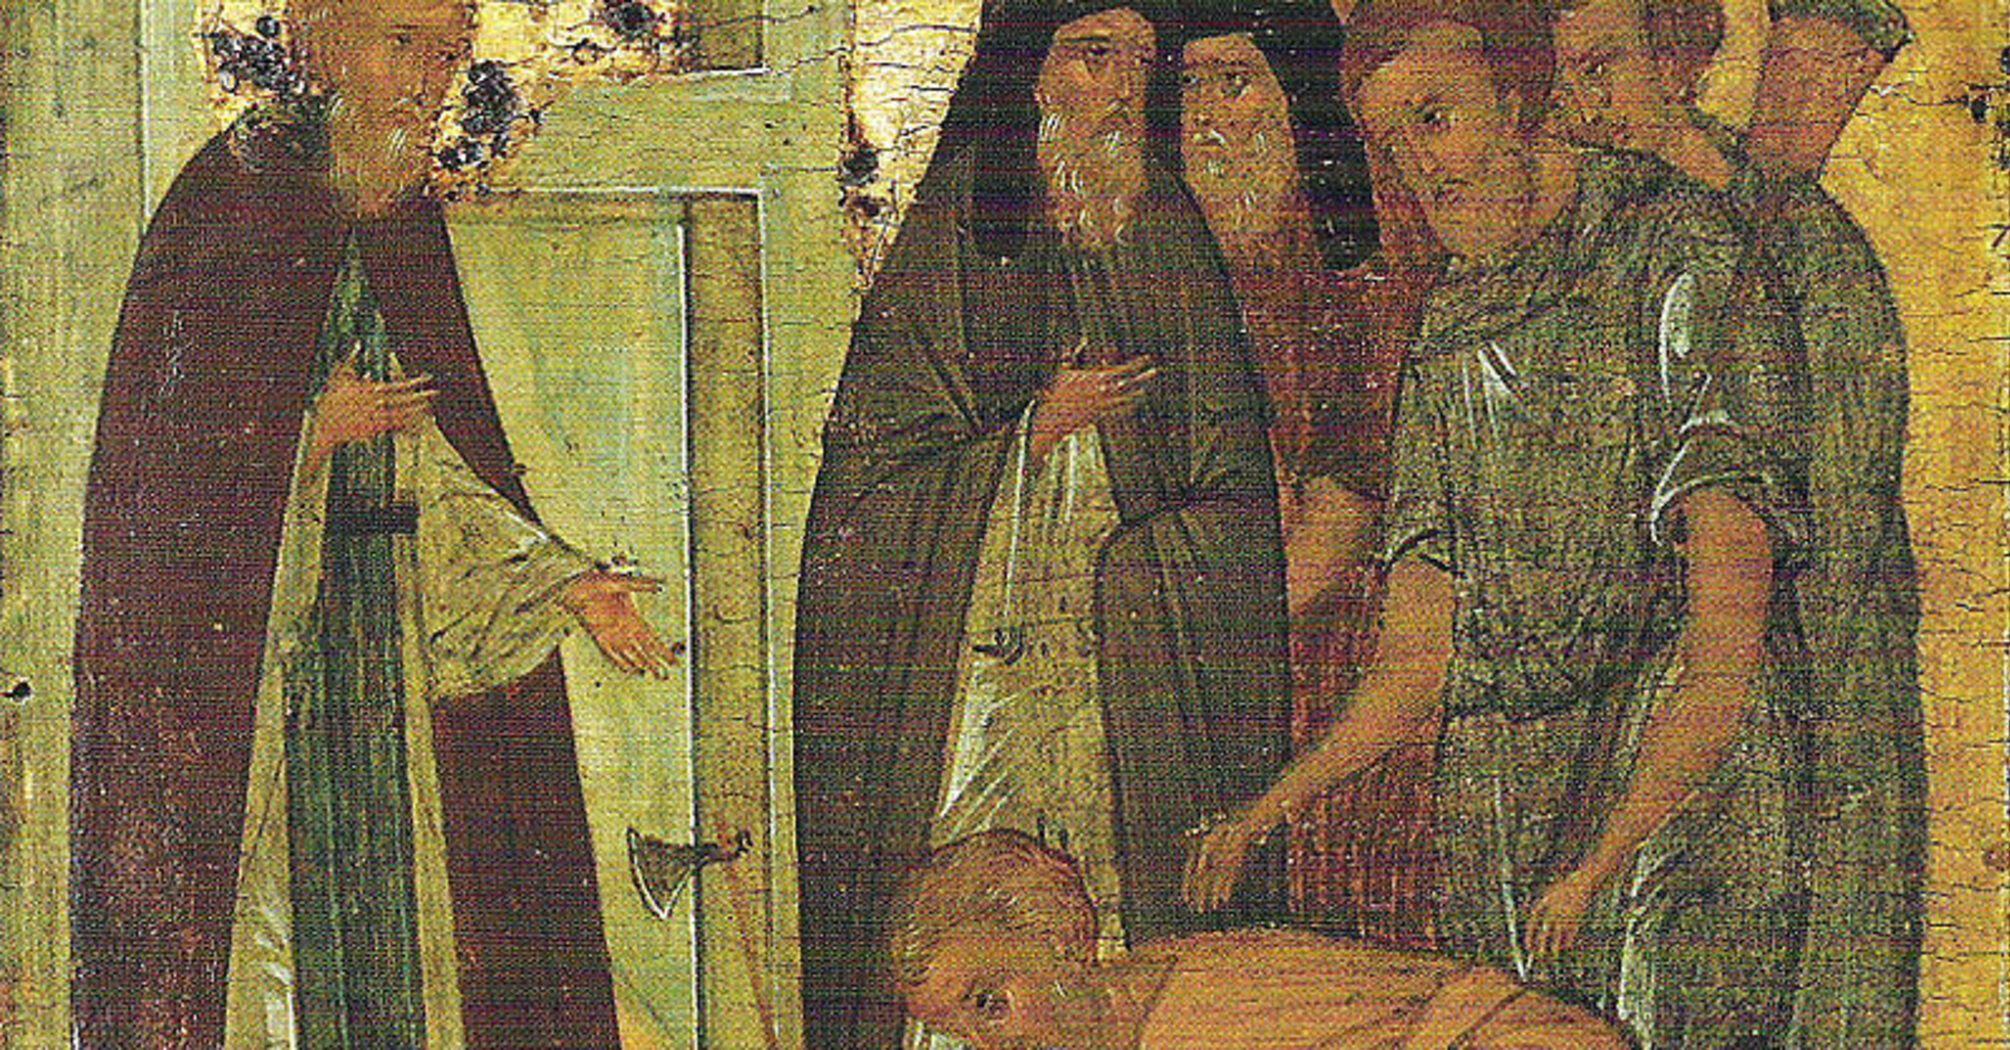 День ангела Дмитра: картинки і листівки для привітання на іменини